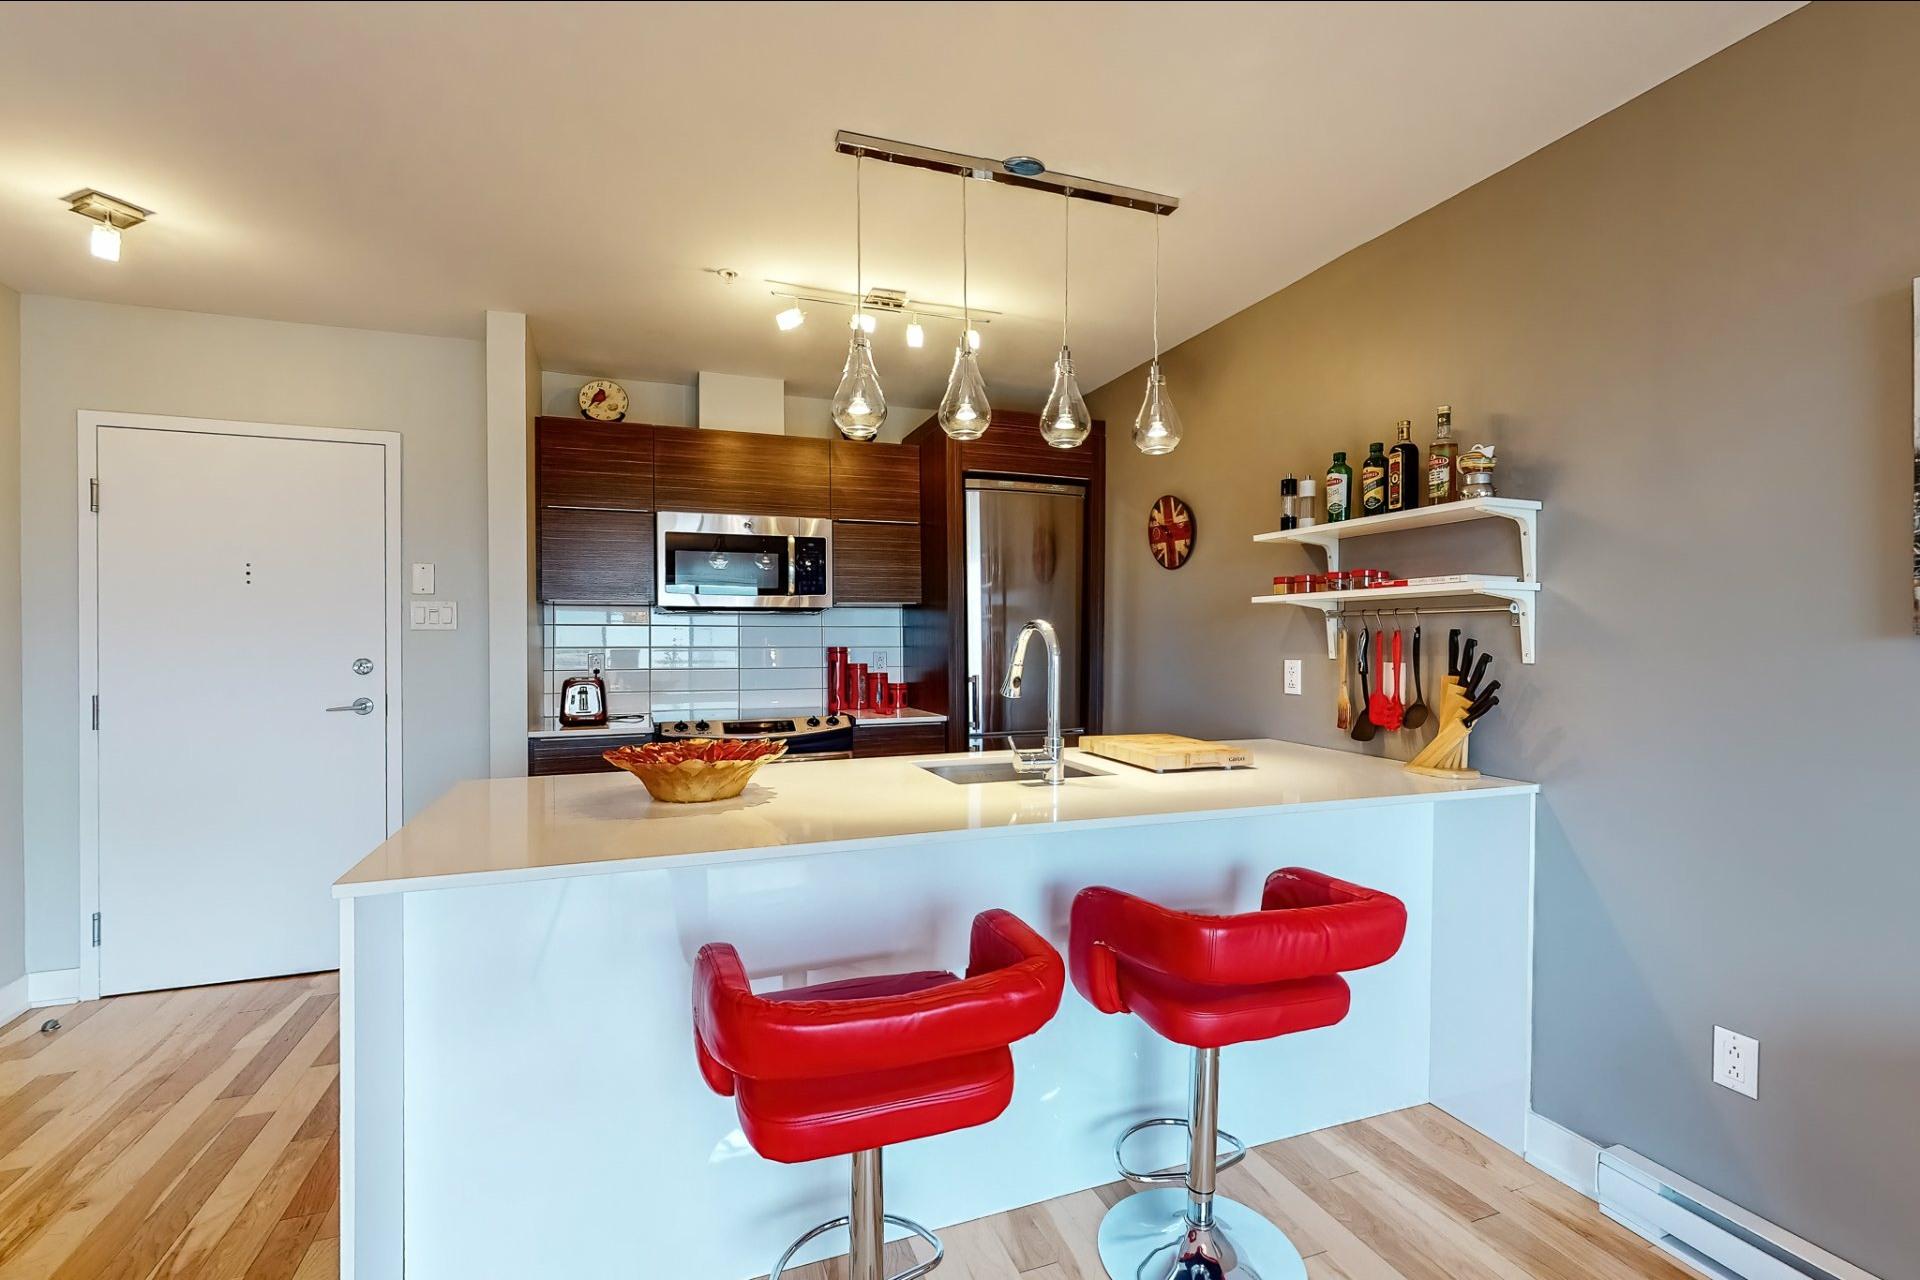 image 8 - Appartement À vendre Rosemont/La Petite-Patrie Montréal  - 3 pièces